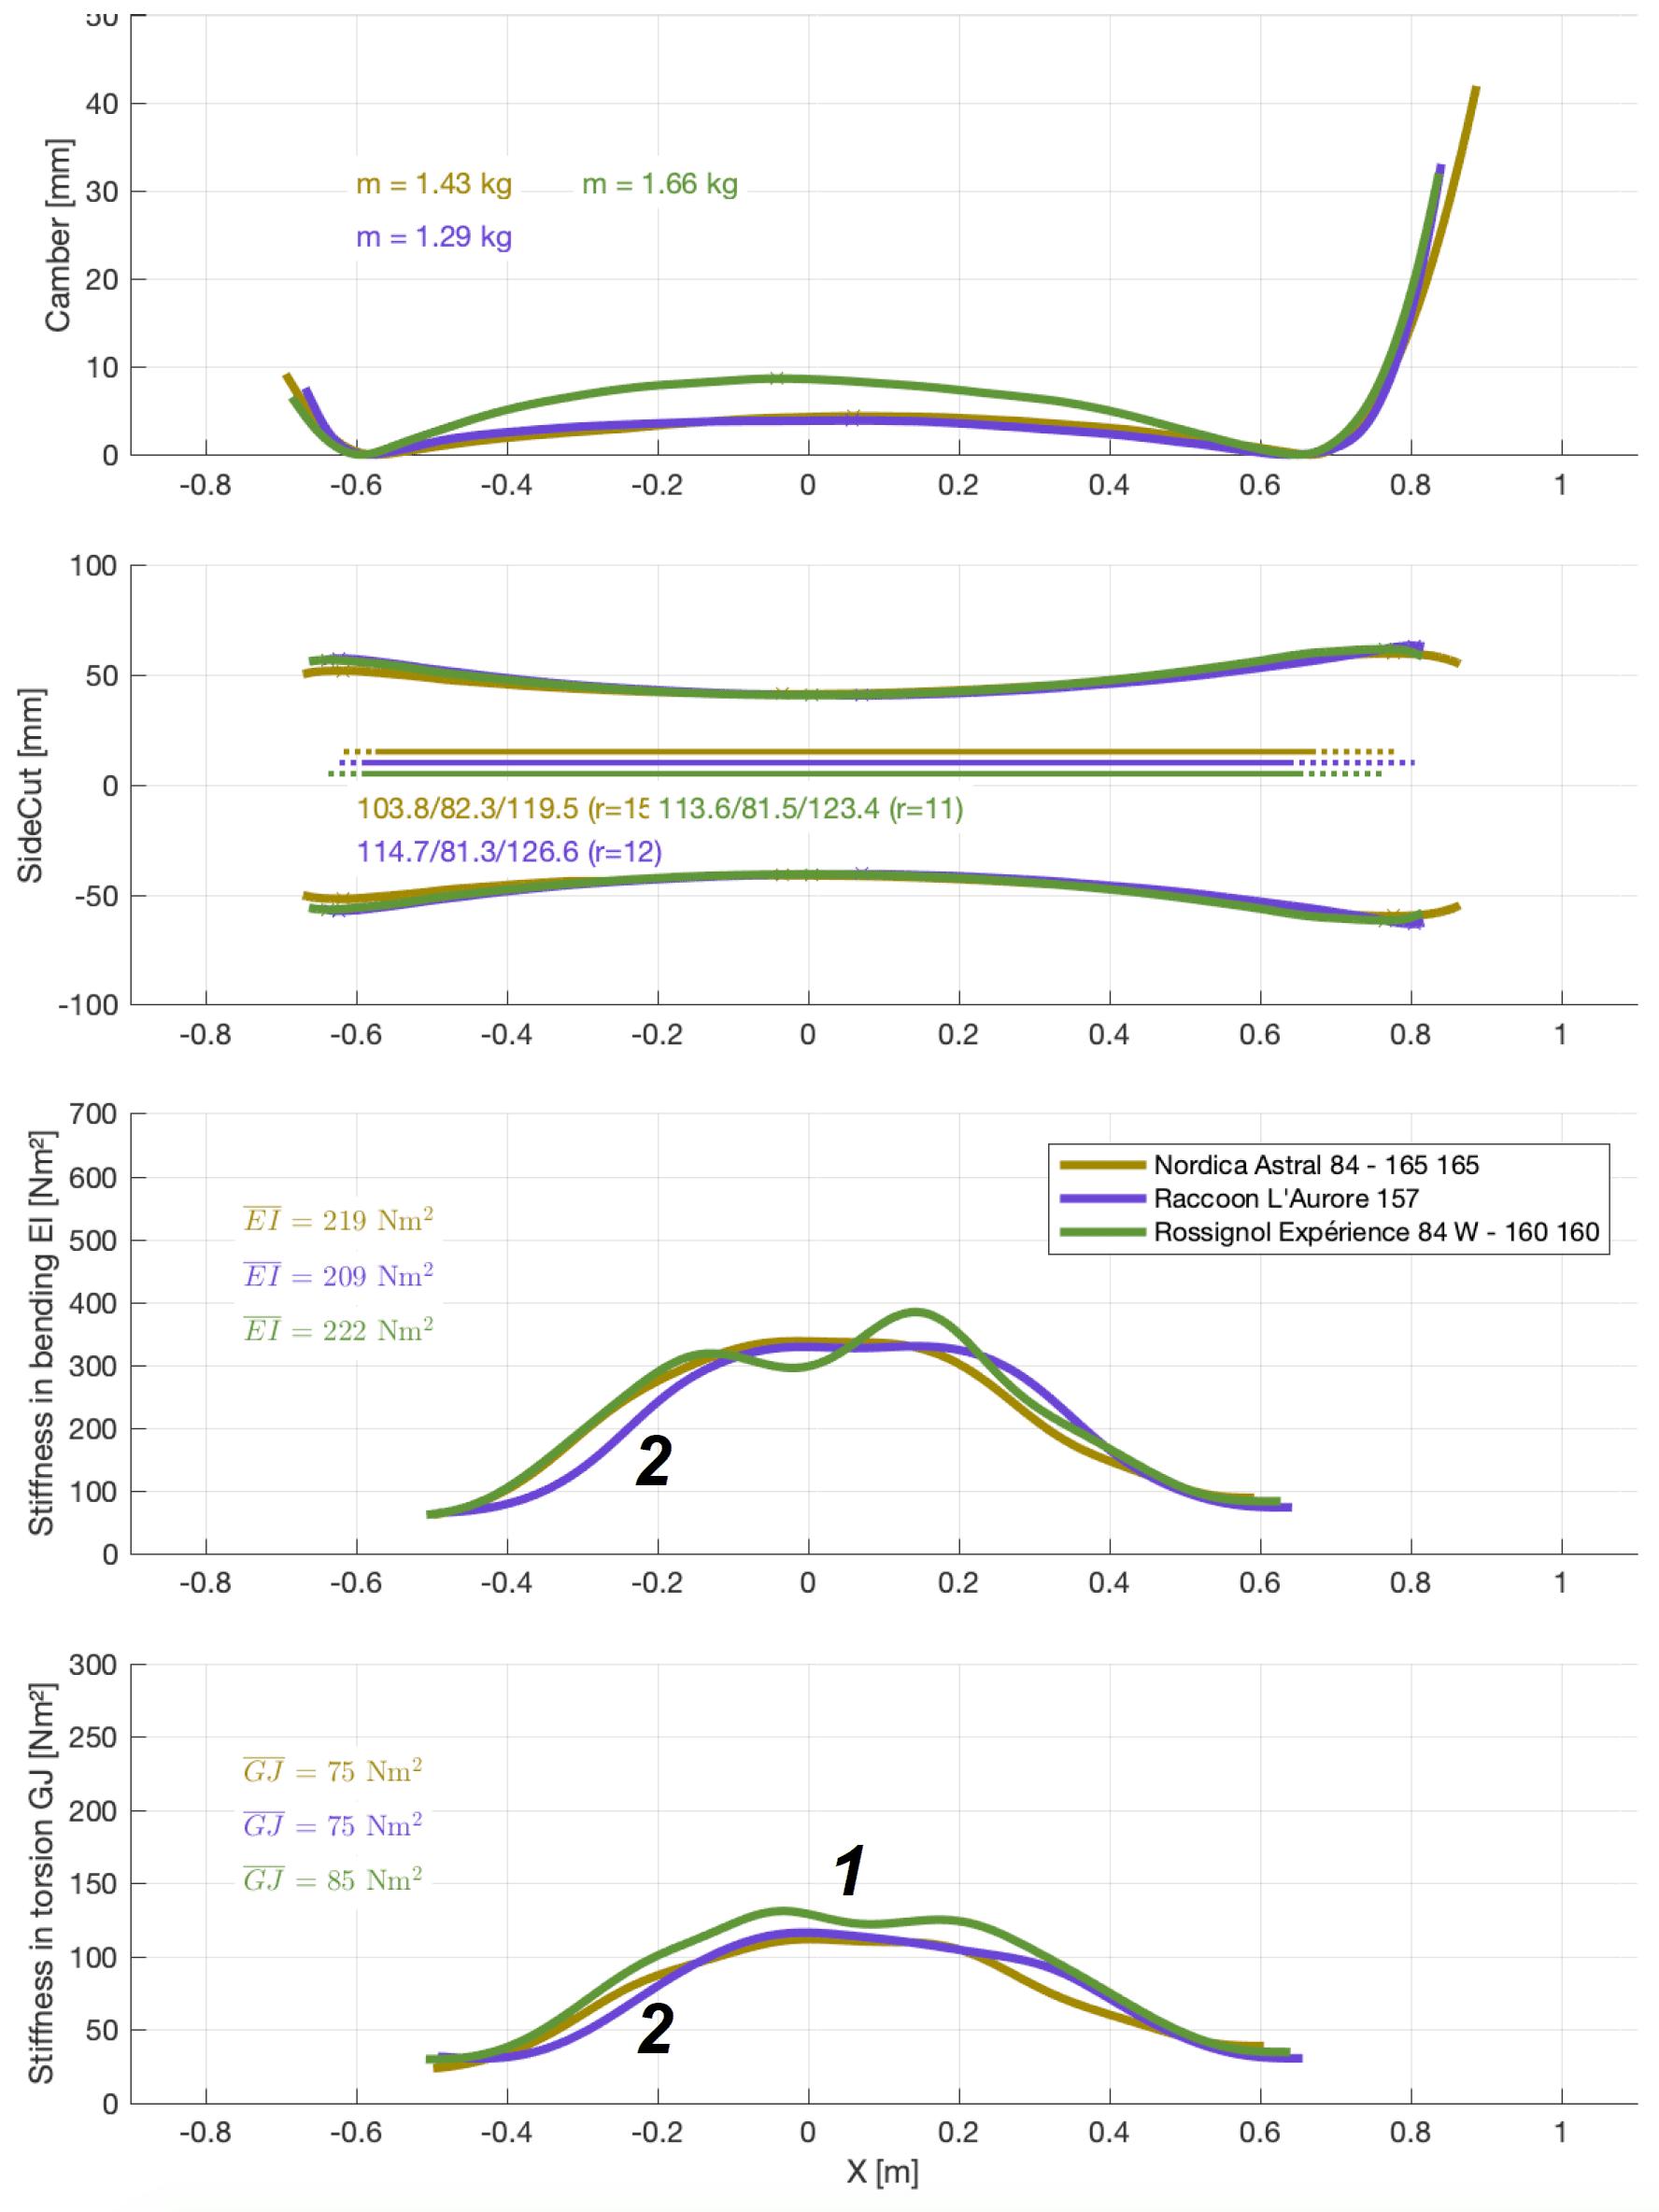 Comparaison détaillée Nordica Astal, Rossignol Experience et Raccoon Aurore